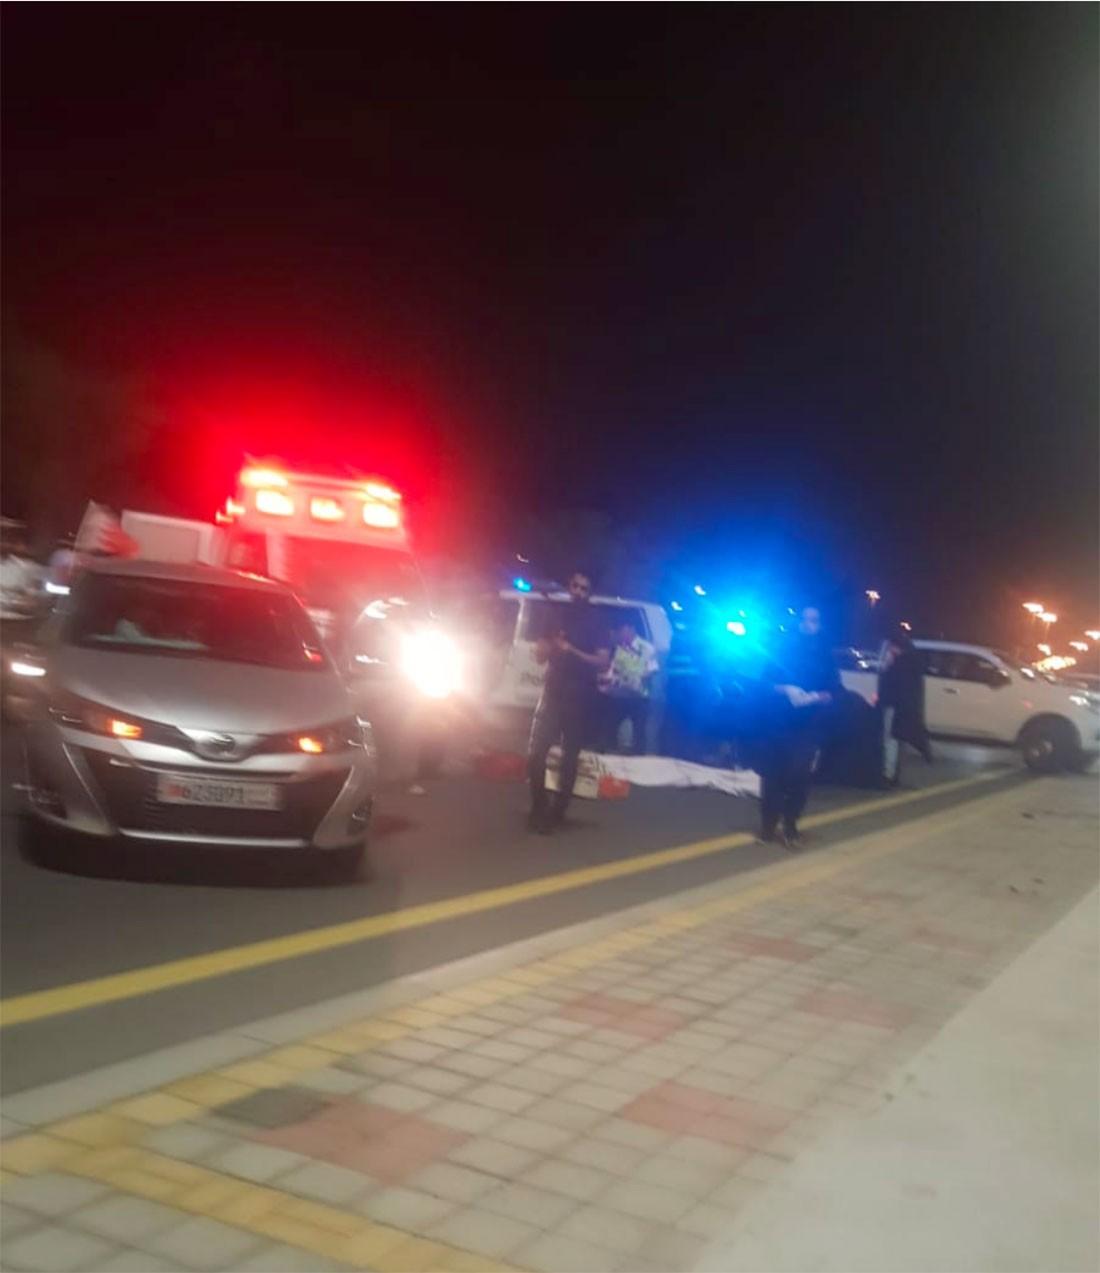 وفاة طفل بحريني بحادث مروري بليغ في مدينة سلمان